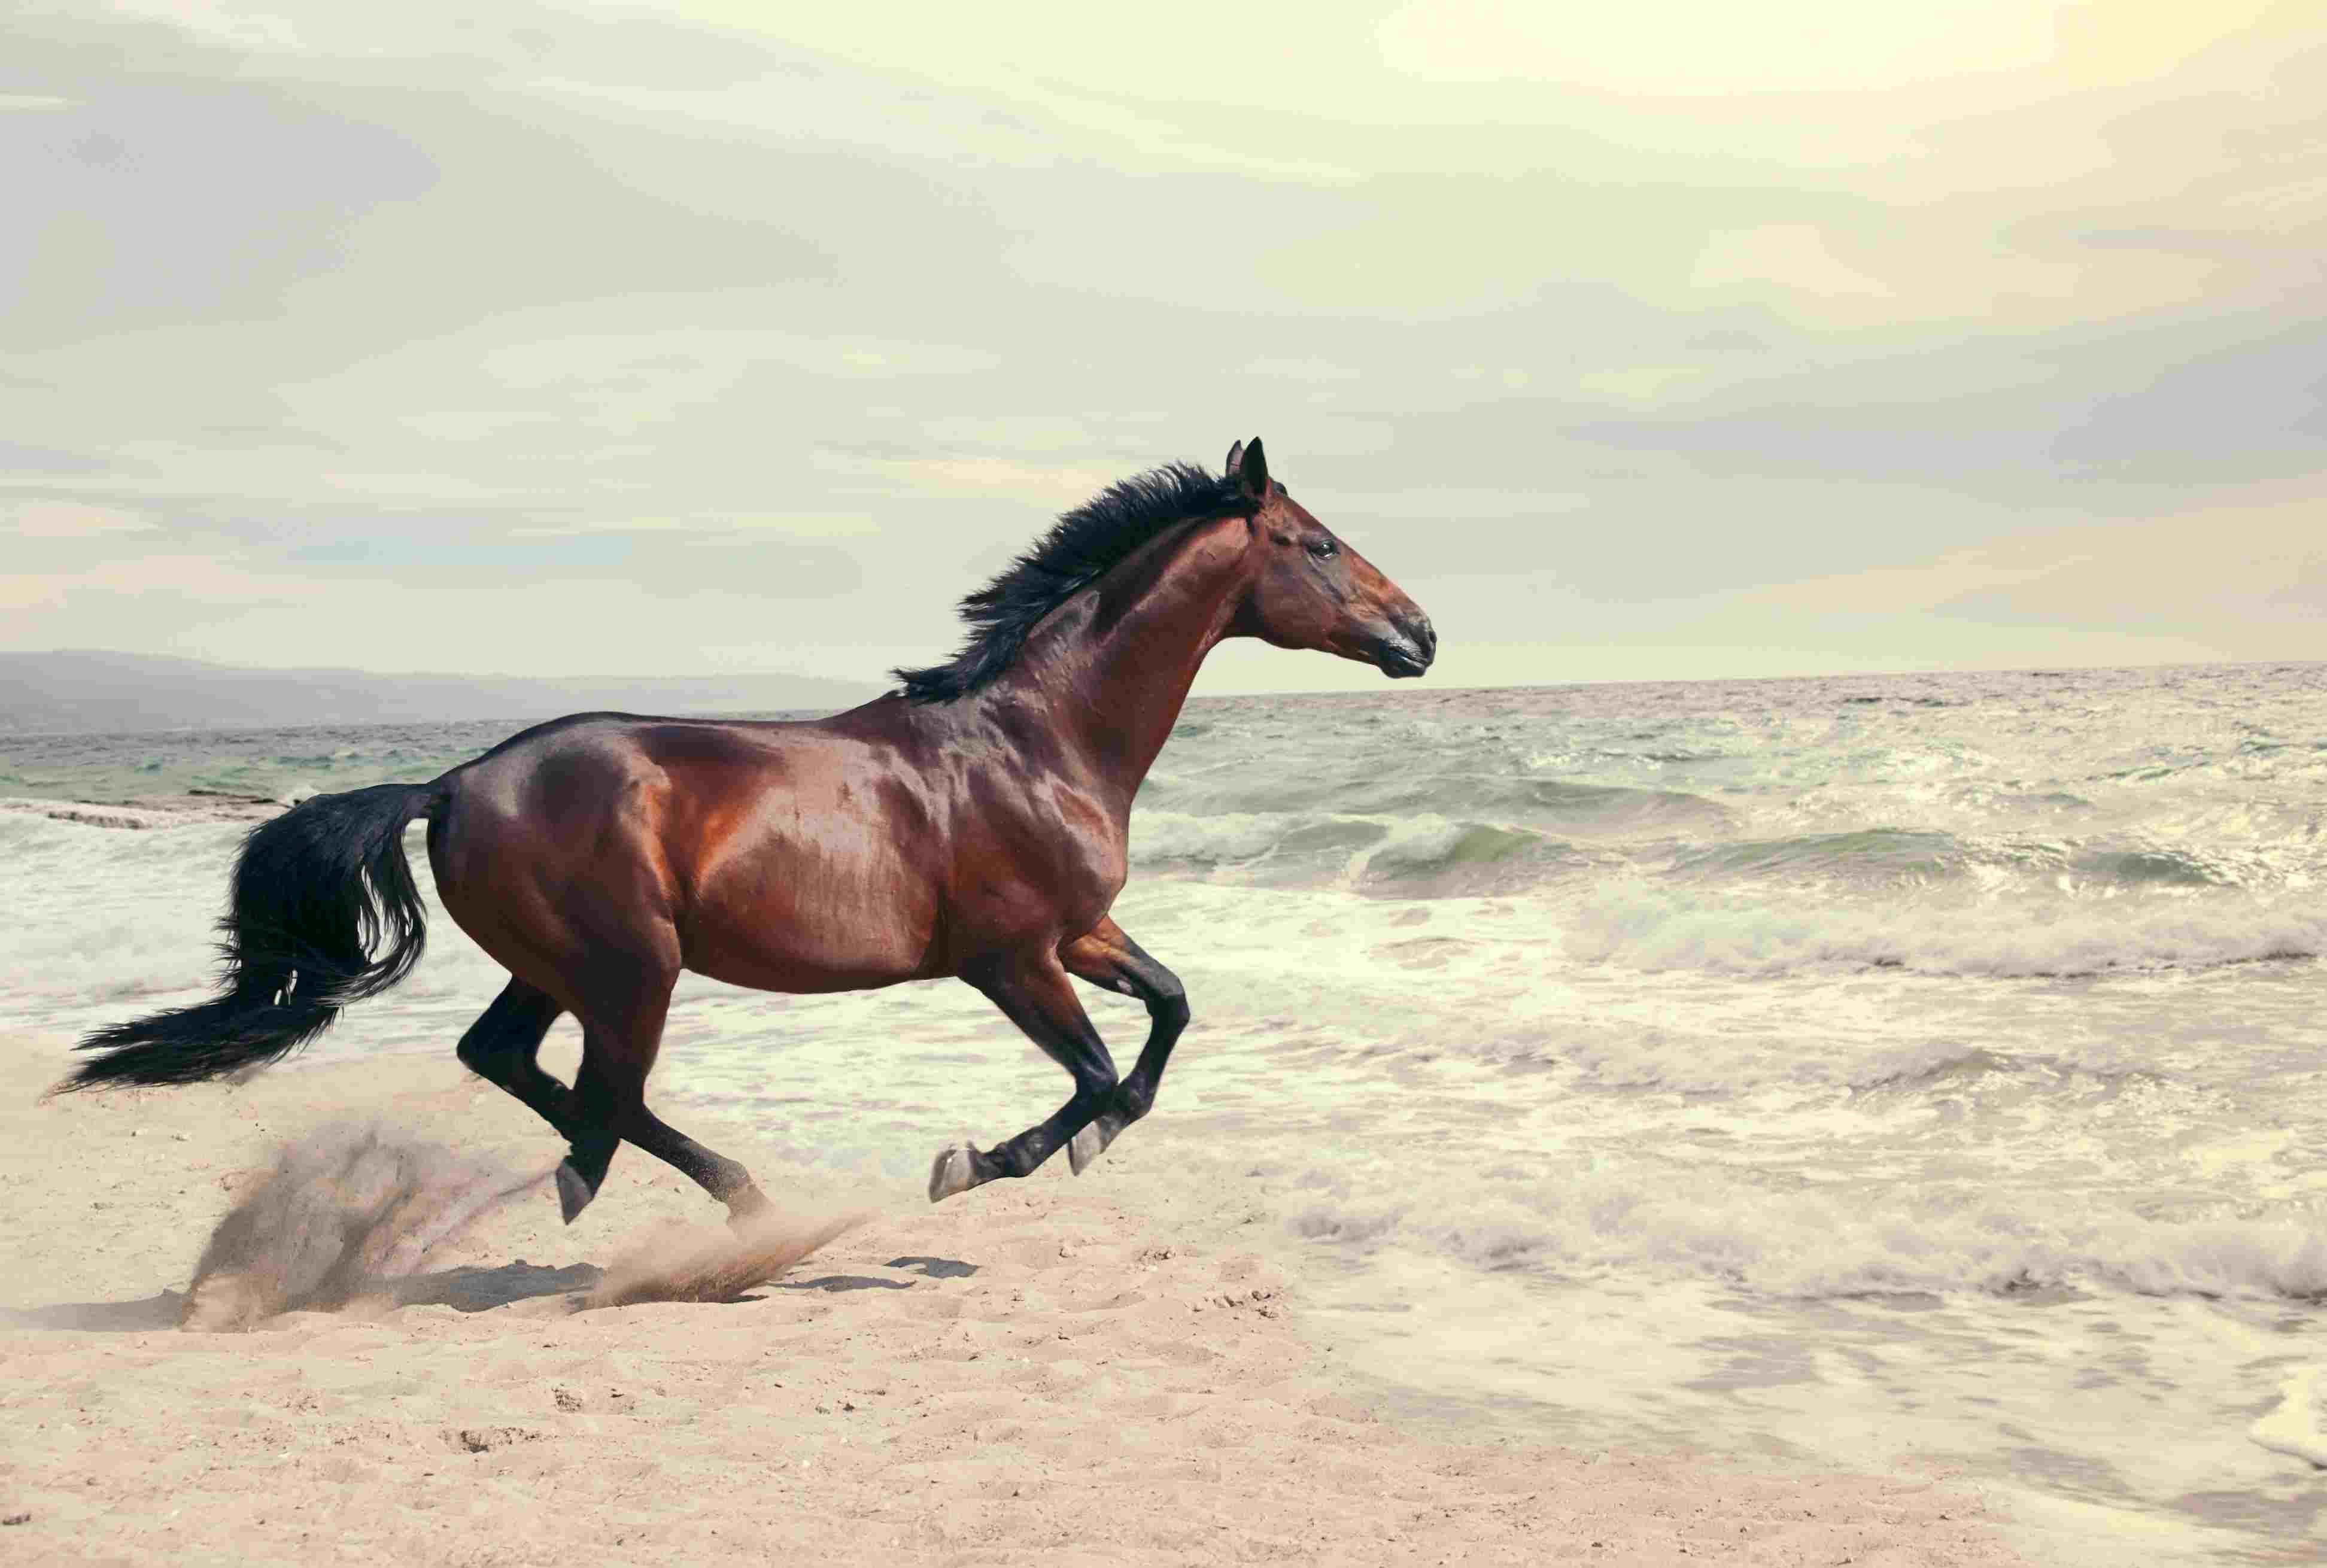 Caballo corriendo en la playa